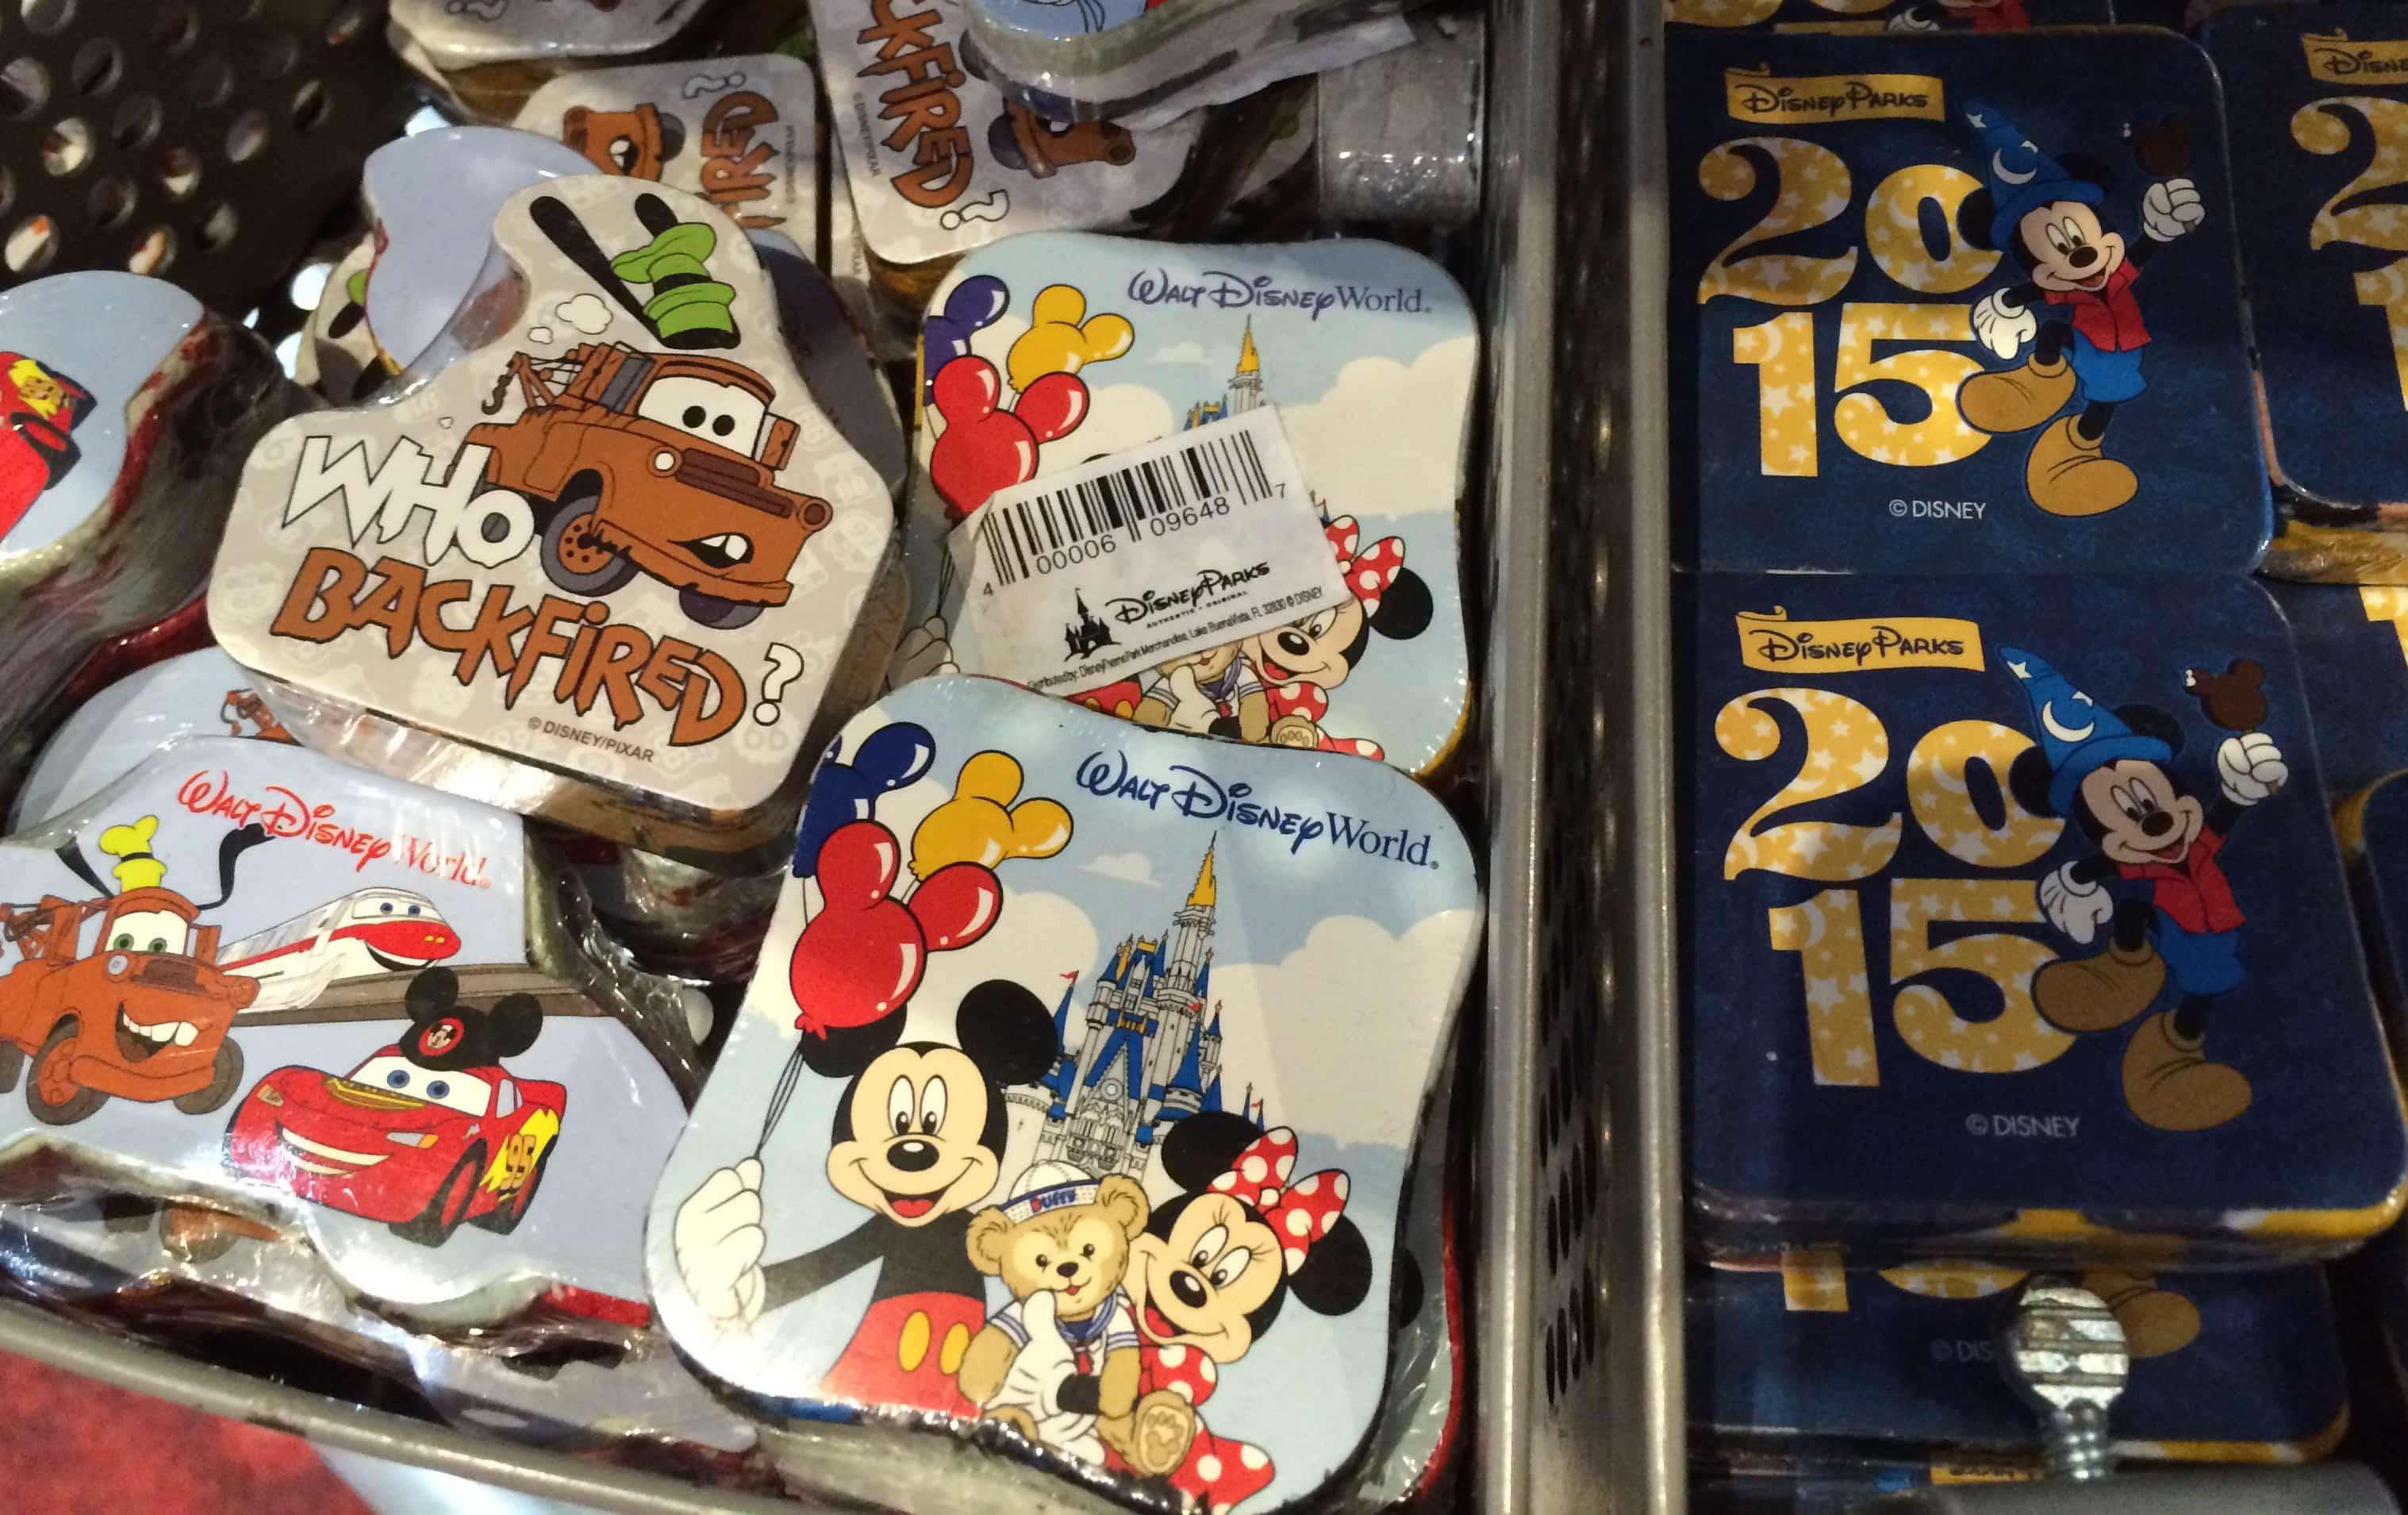 Disney Bathroom Accessories Found at Walt Disney World Resort ...